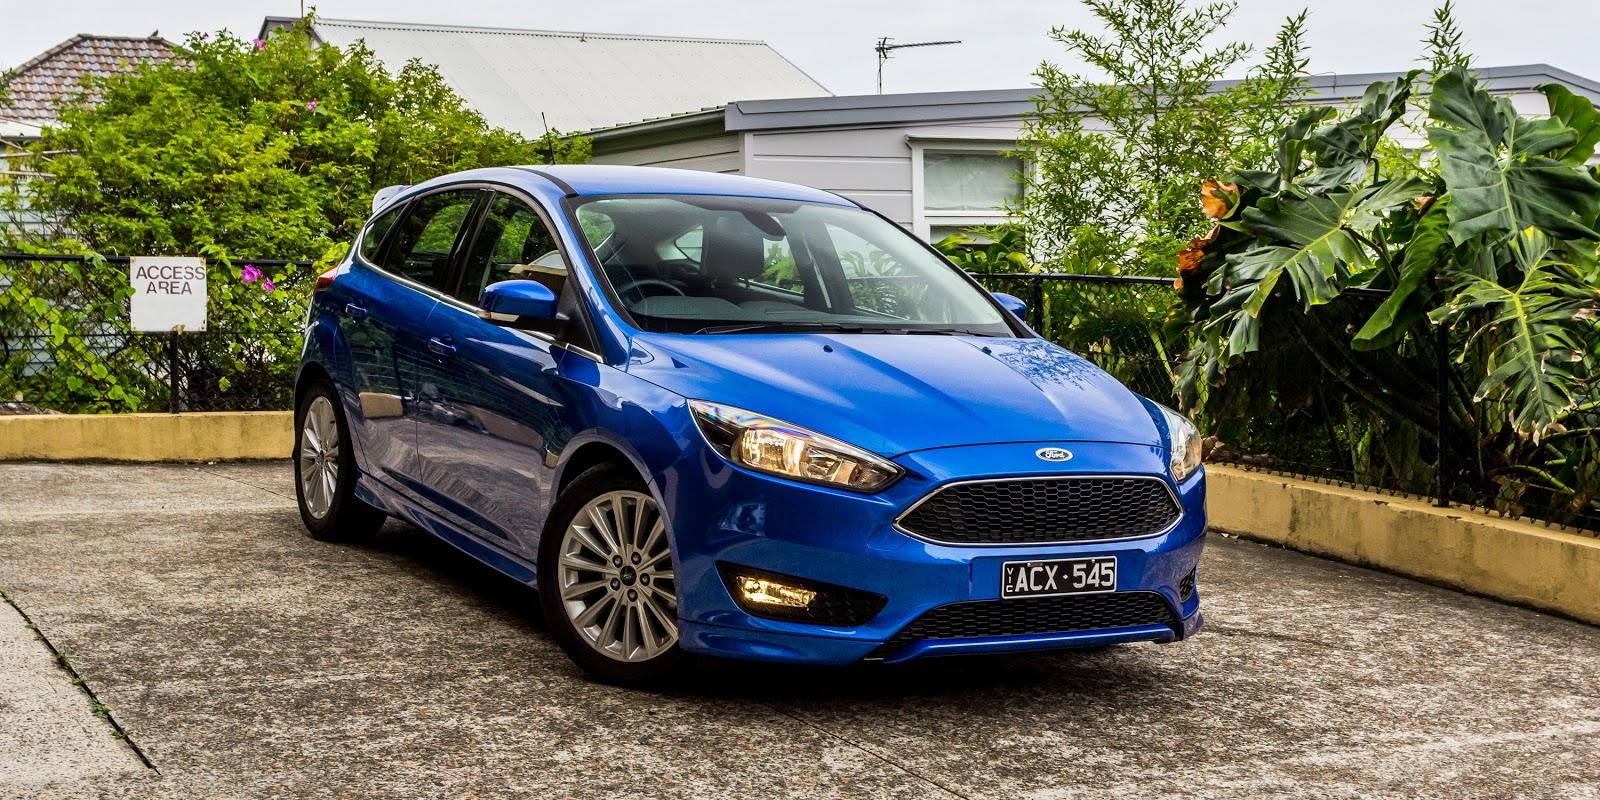 Ford Focus 2016 được đánh giá là chiếc xe thông minh nhất trong phân khúc